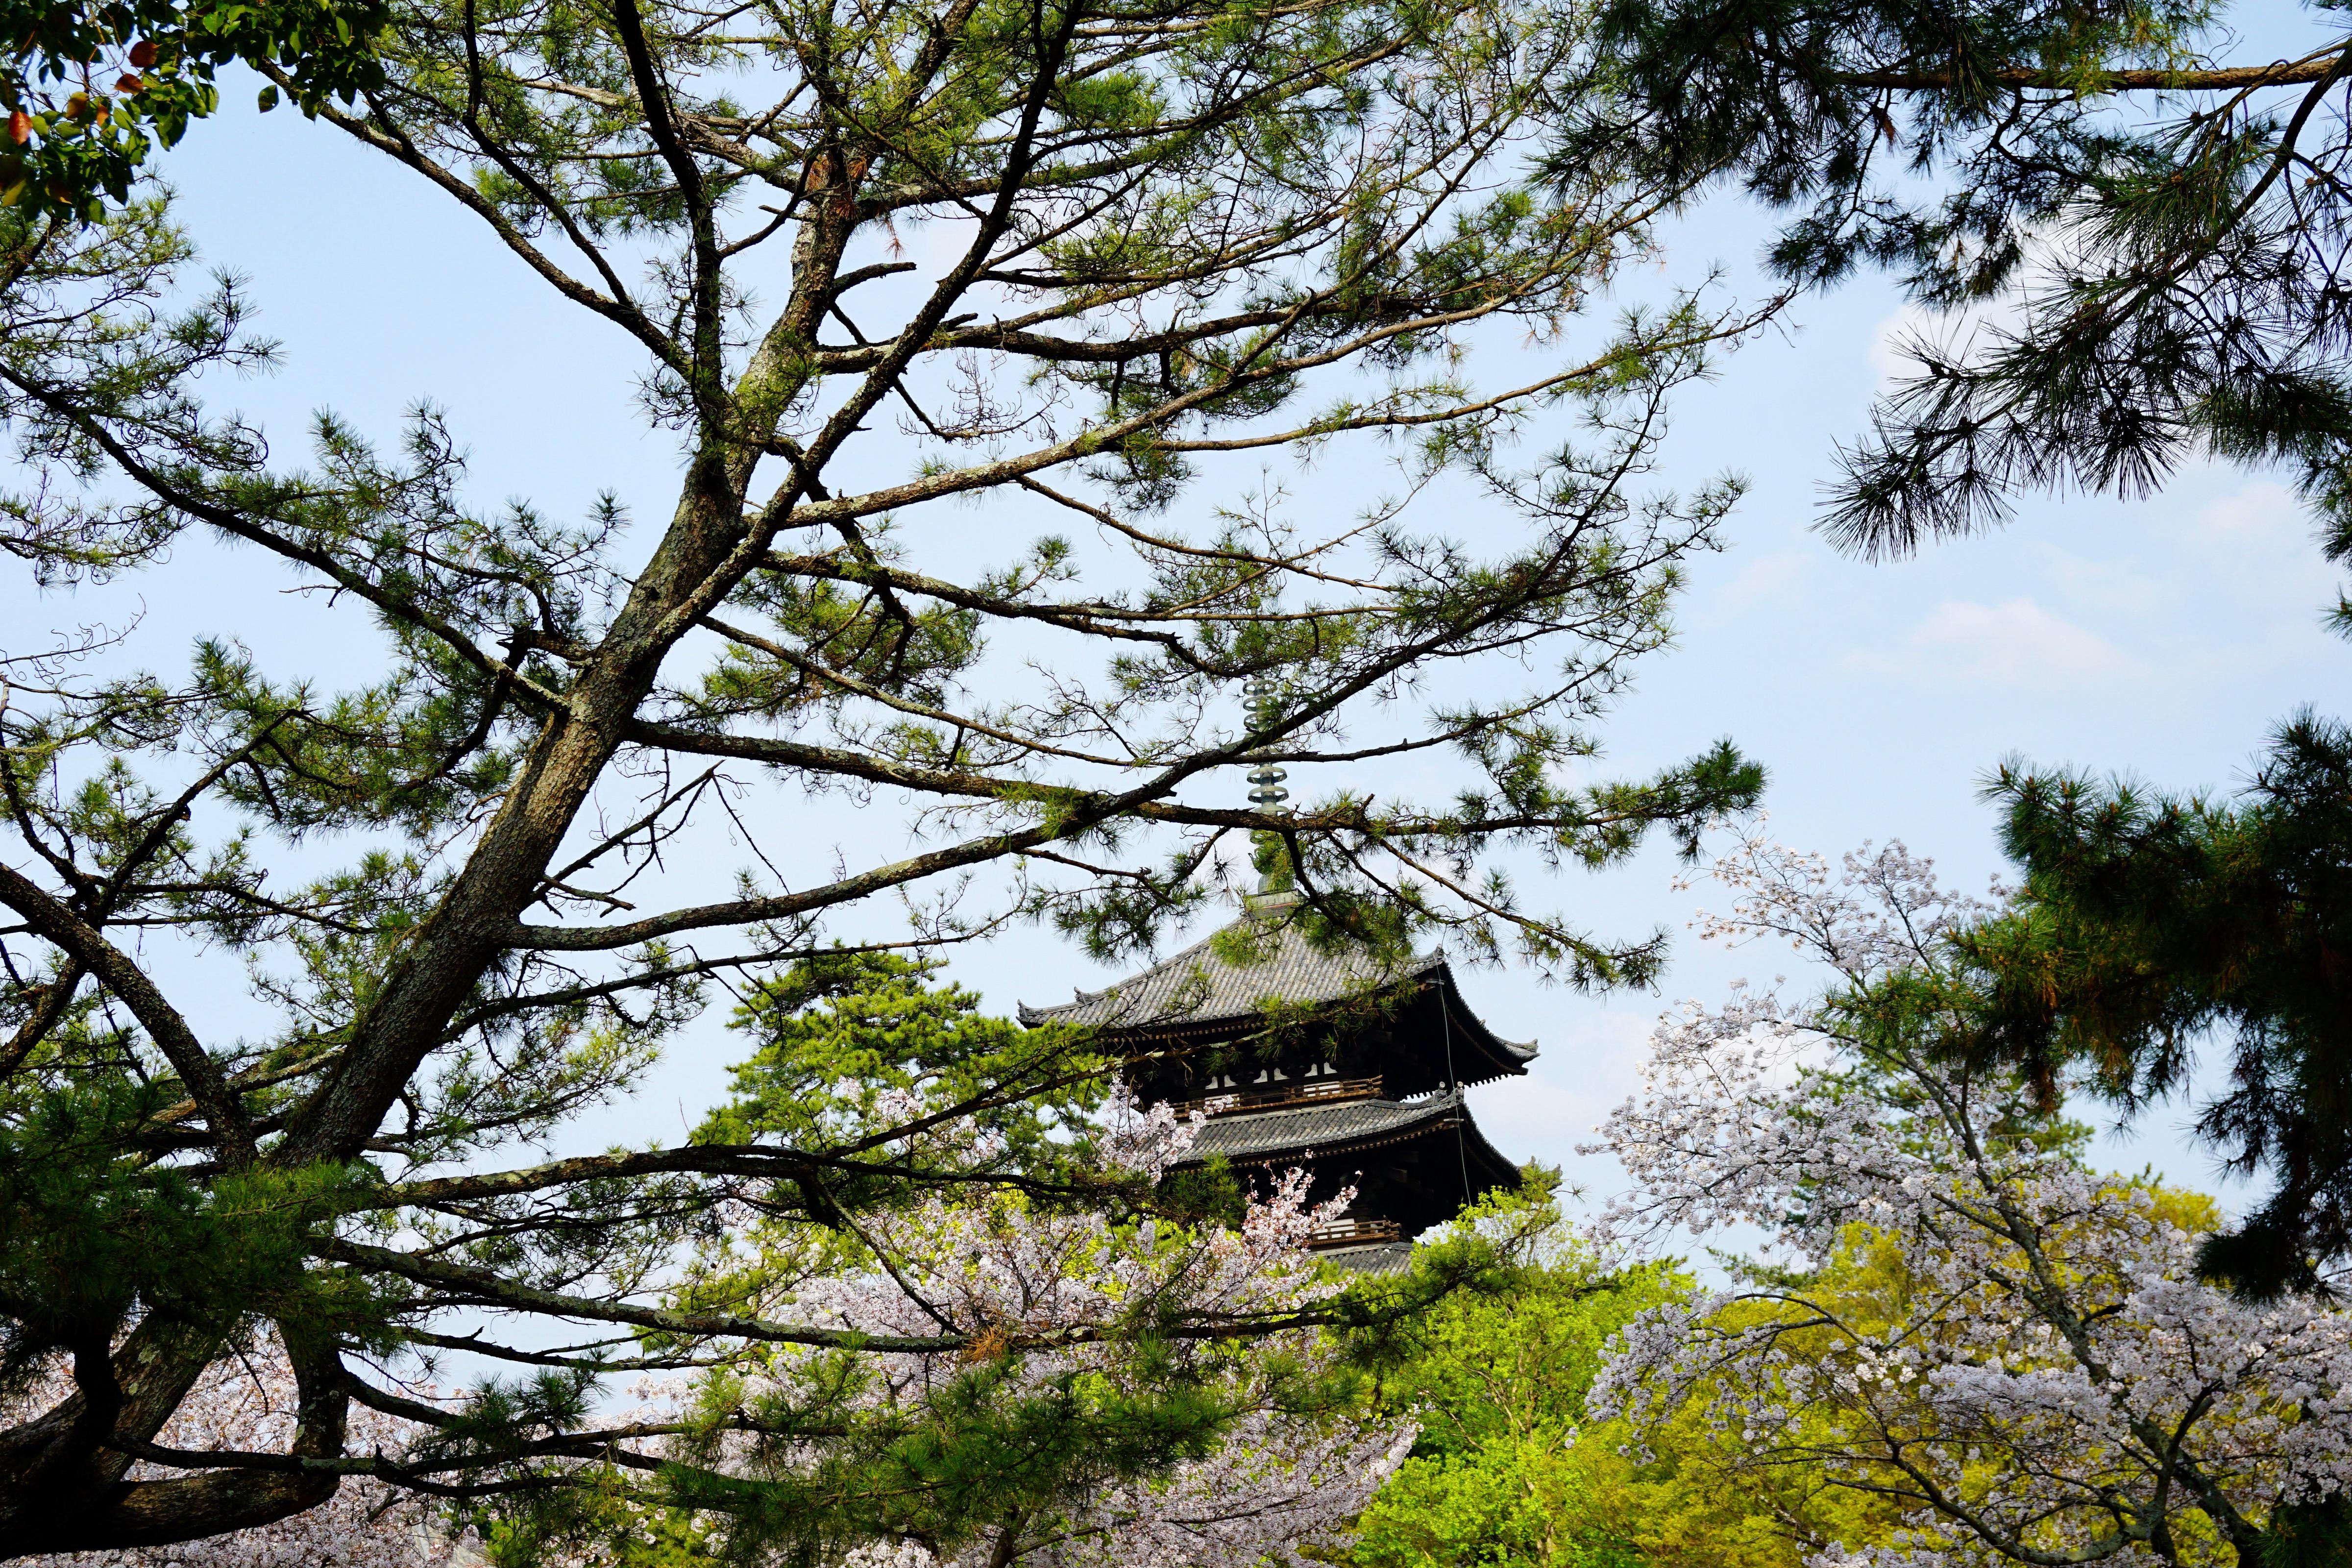 上の写真の場所から五重塔はかなり離れていてこんな感じ。